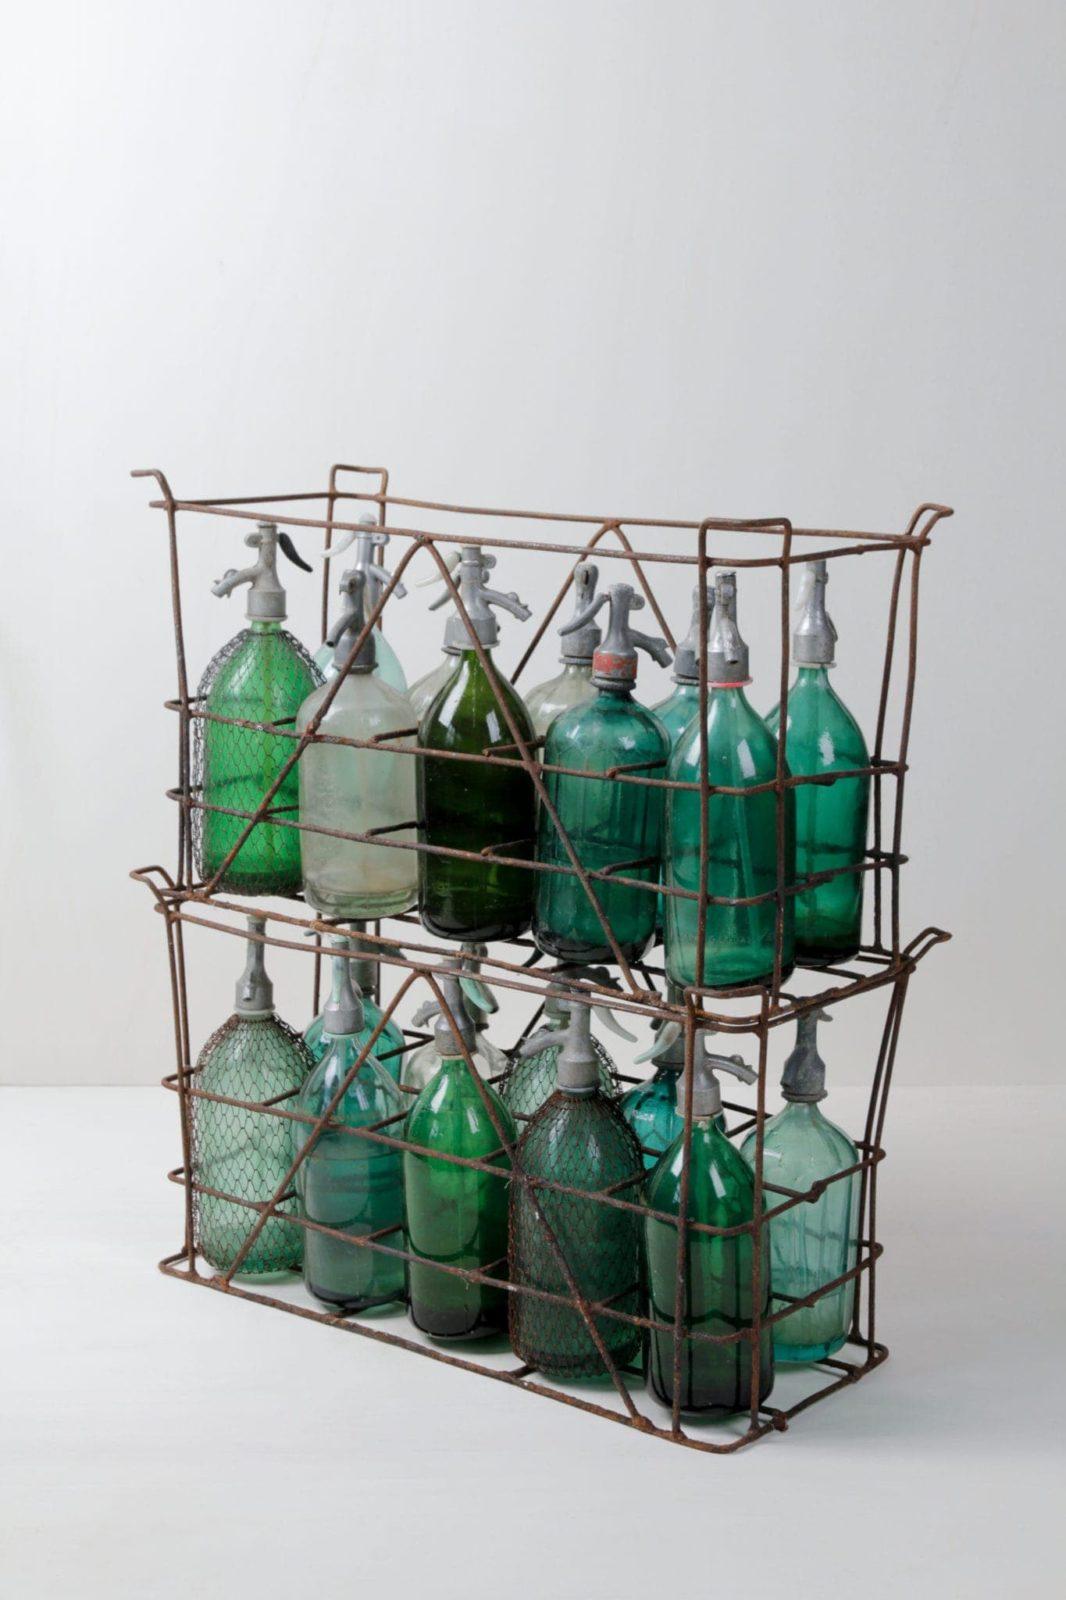 Sodaflaschen Beltran | Sehr schöne vintage Sodaflaschen in verschiedenen schimmernden Farben. Auch in originaler Kiste mit je zehn Flaschen verfügbar. Tolles Dekorationselement. | gotvintage Rental & Event Design